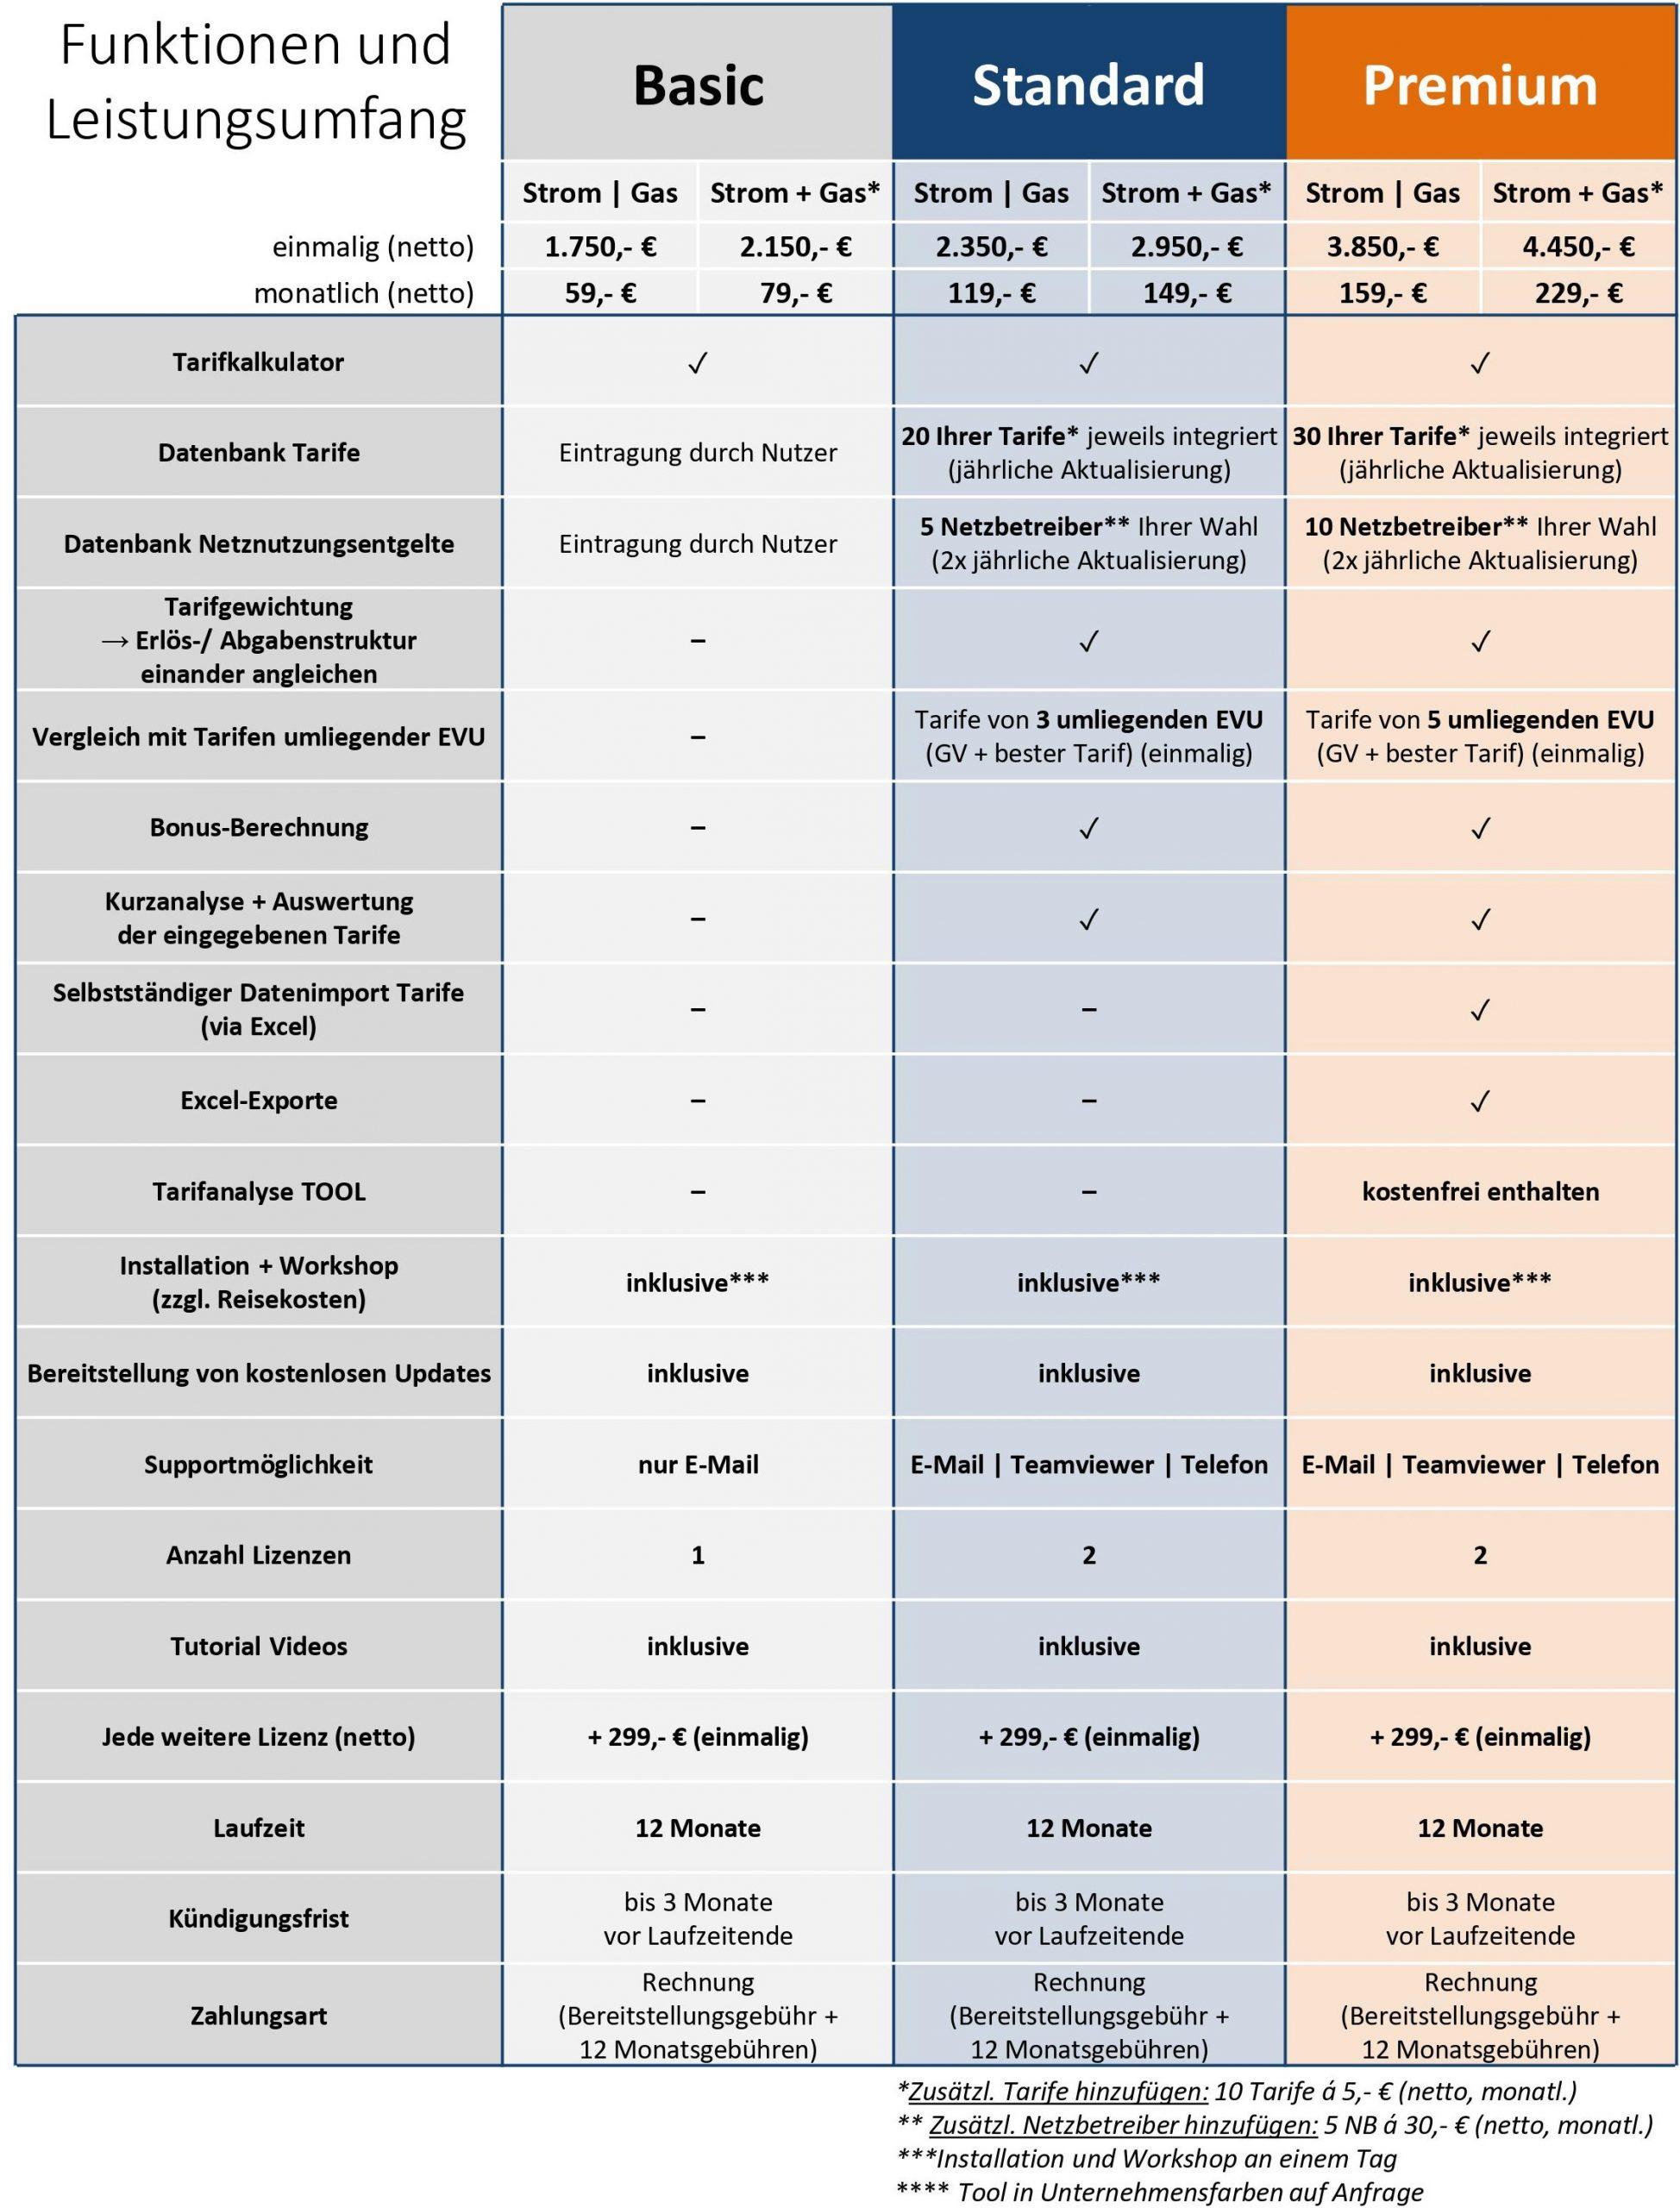 Preisblatt Tarifkalkulations TOOLS